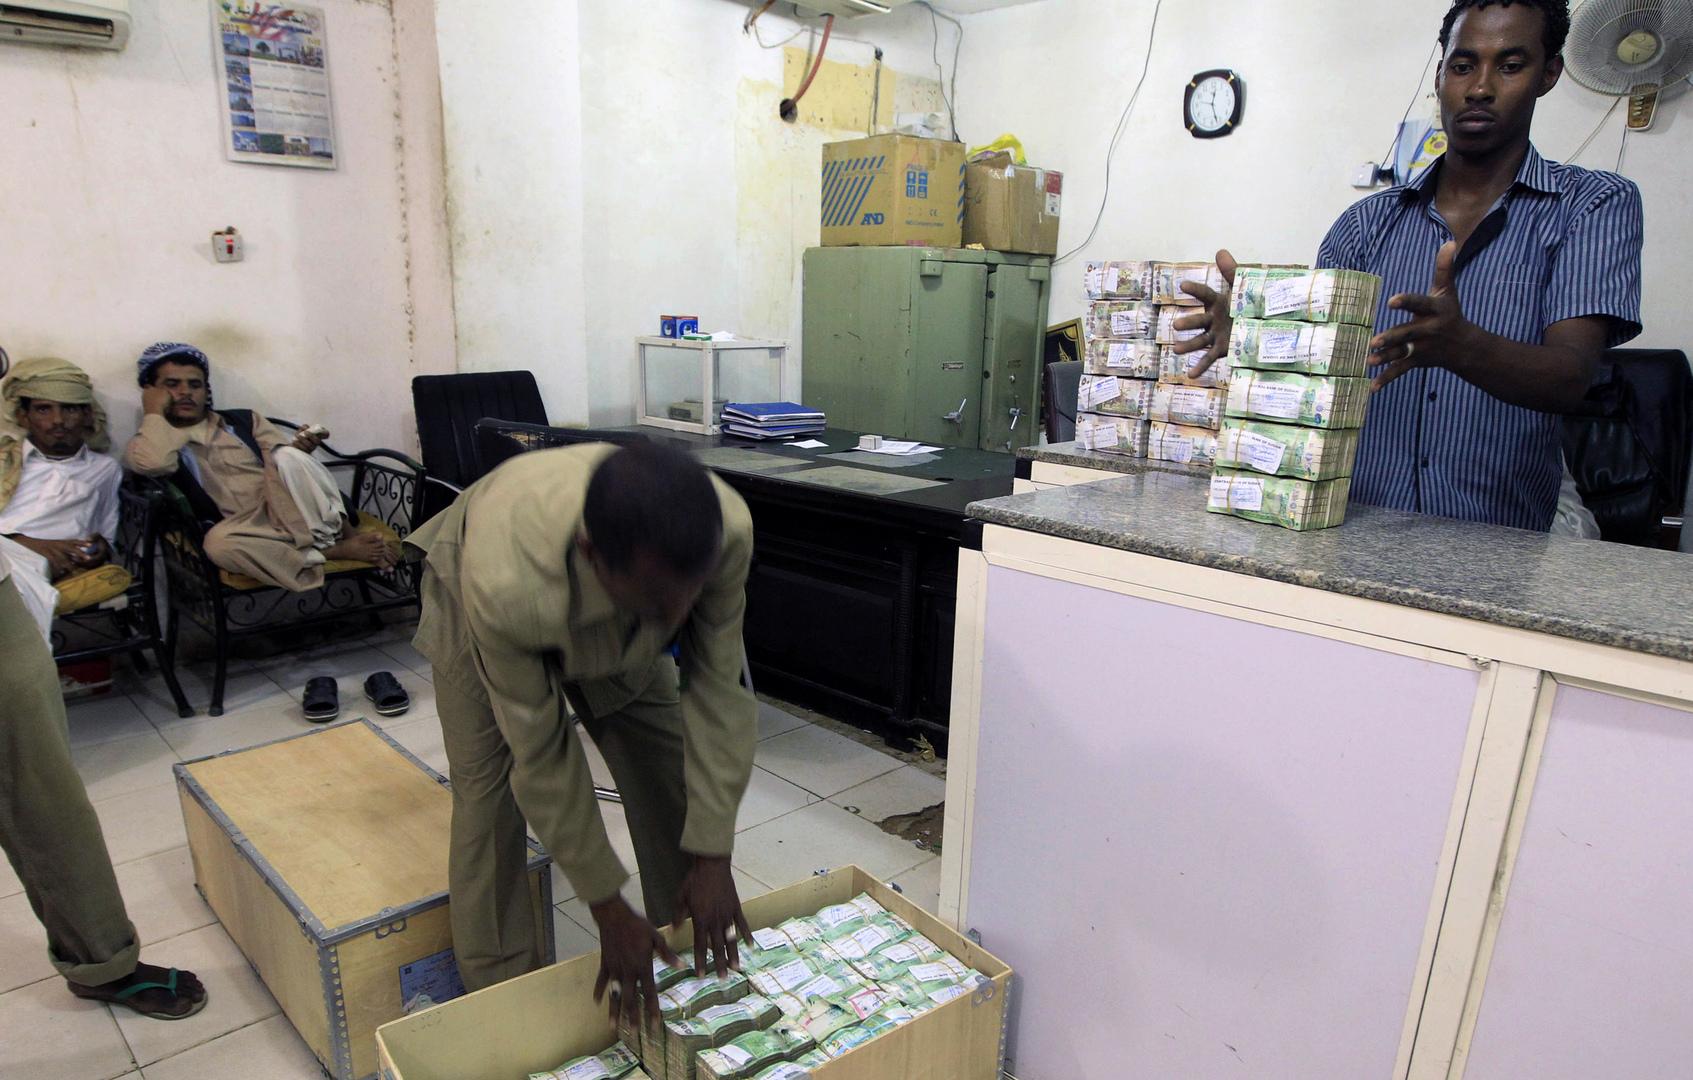 عمال يعدون النقود بالعاصمة السودانية الخرطوم